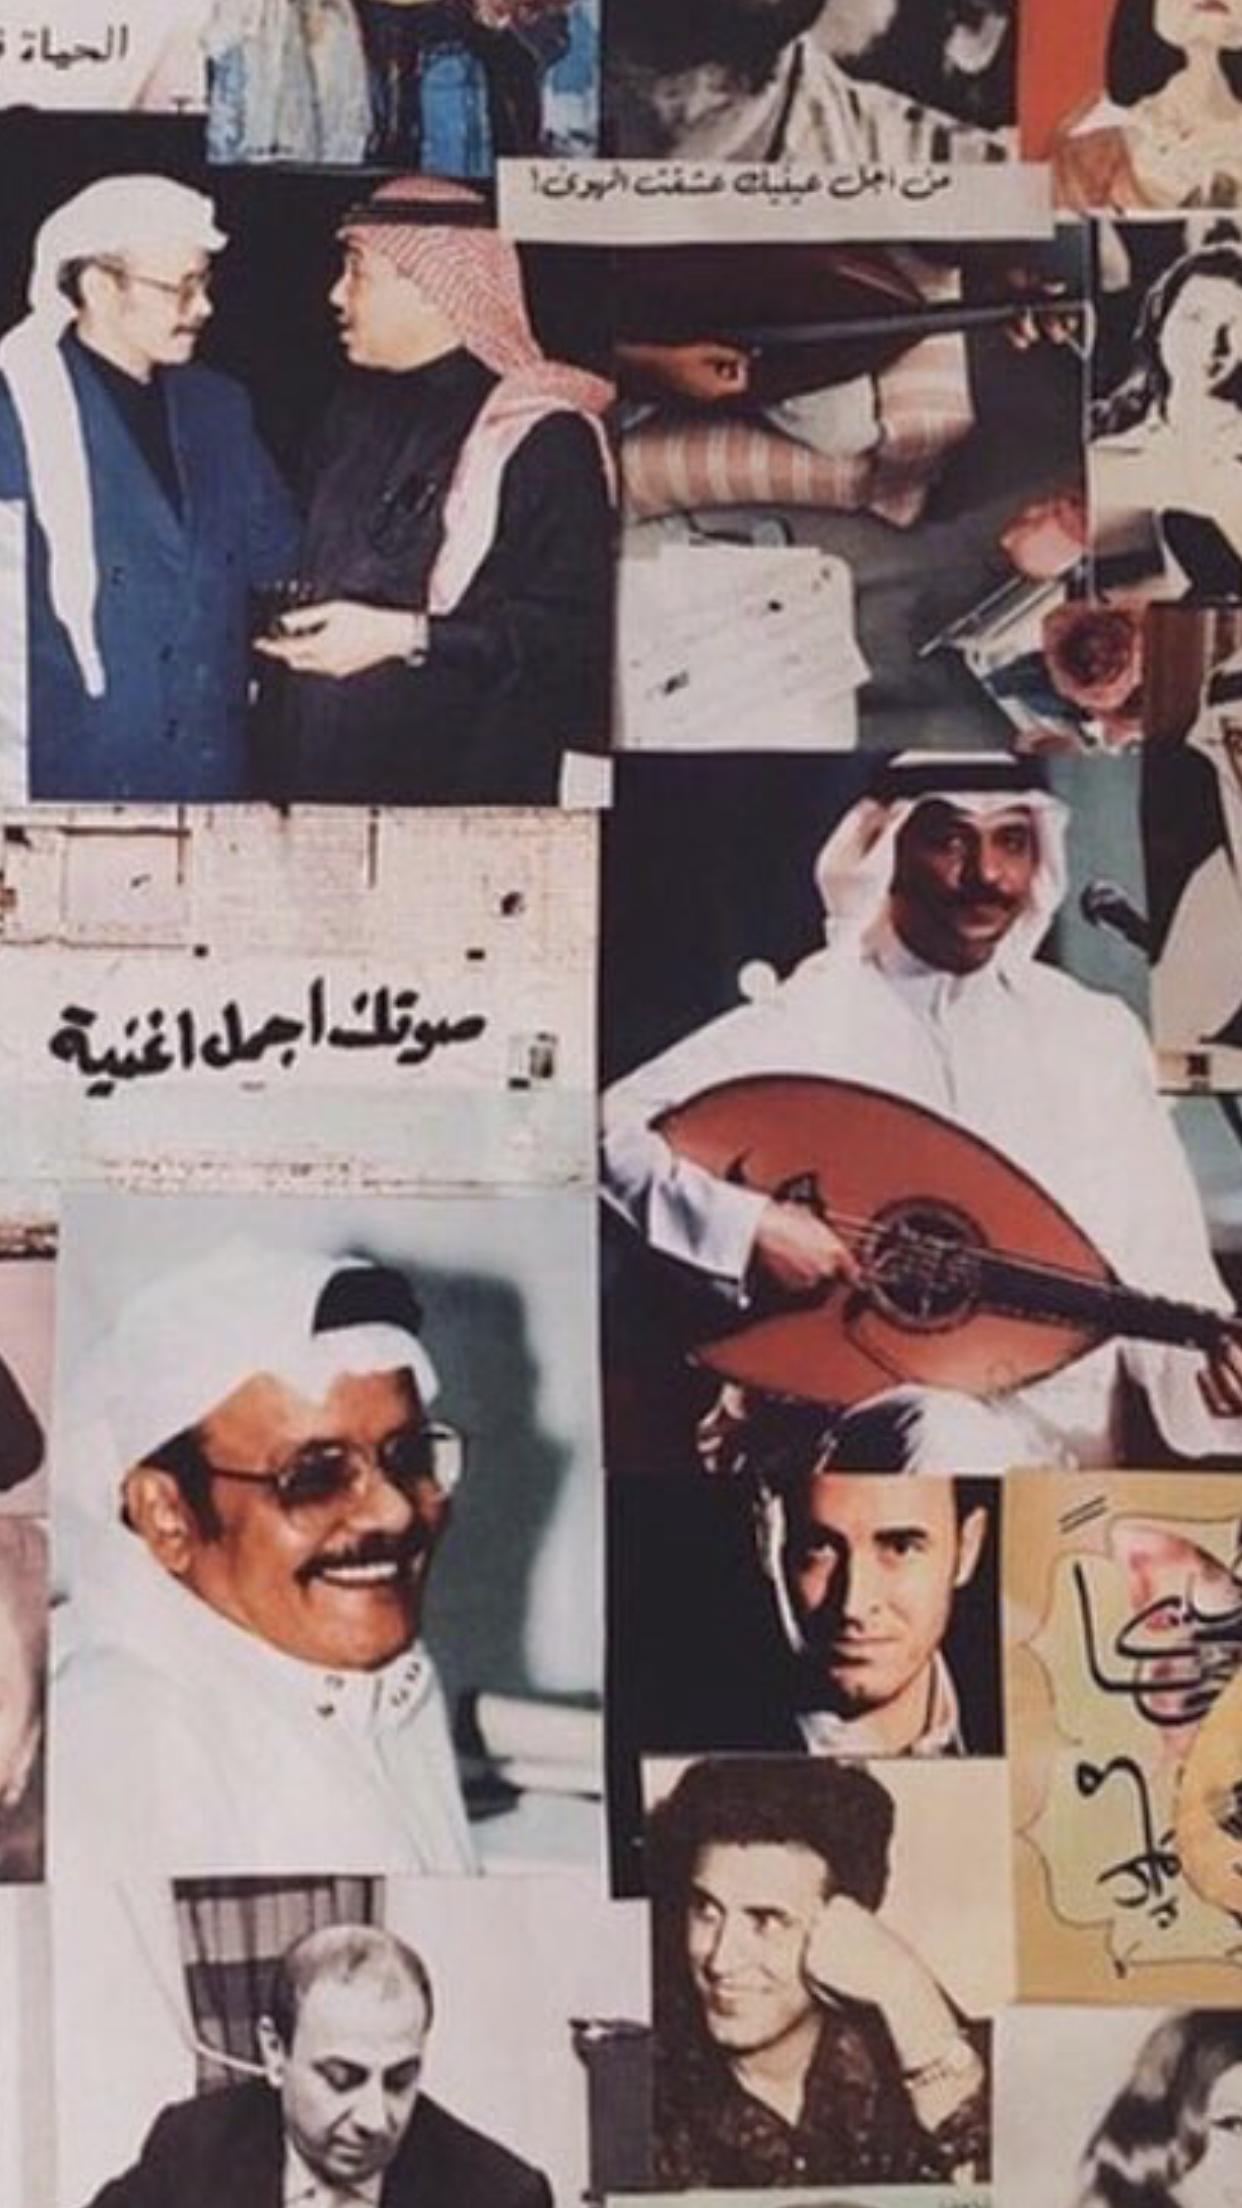 تظن انك نسيت وتهزمك أغنية Arabic Art Beautiful Arabic Words Love Quotes Wallpaper